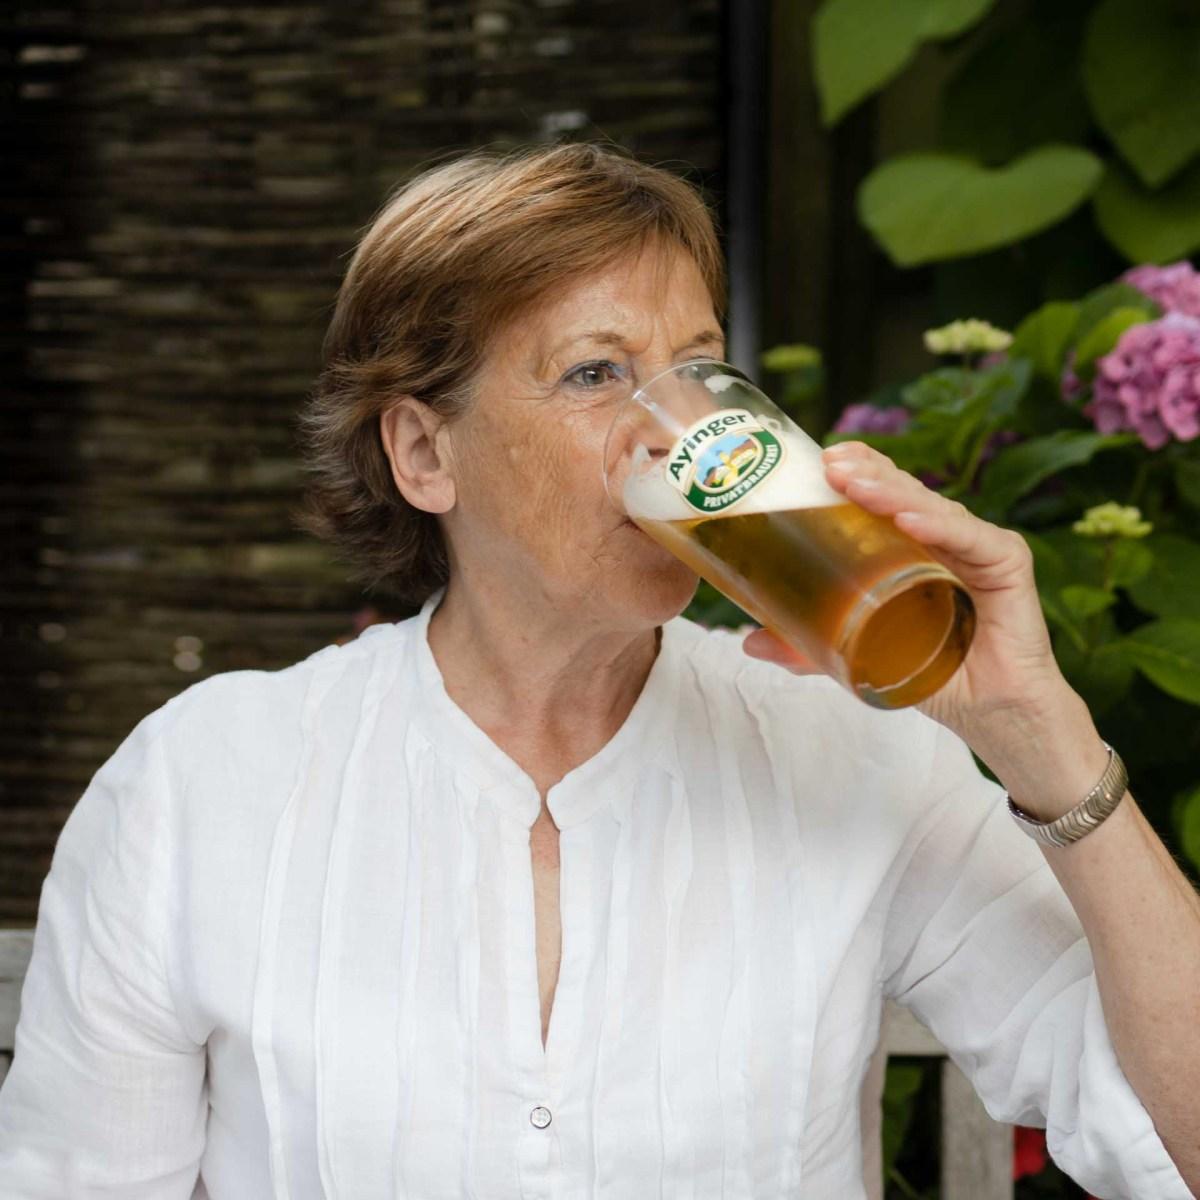 Durstig in Aying